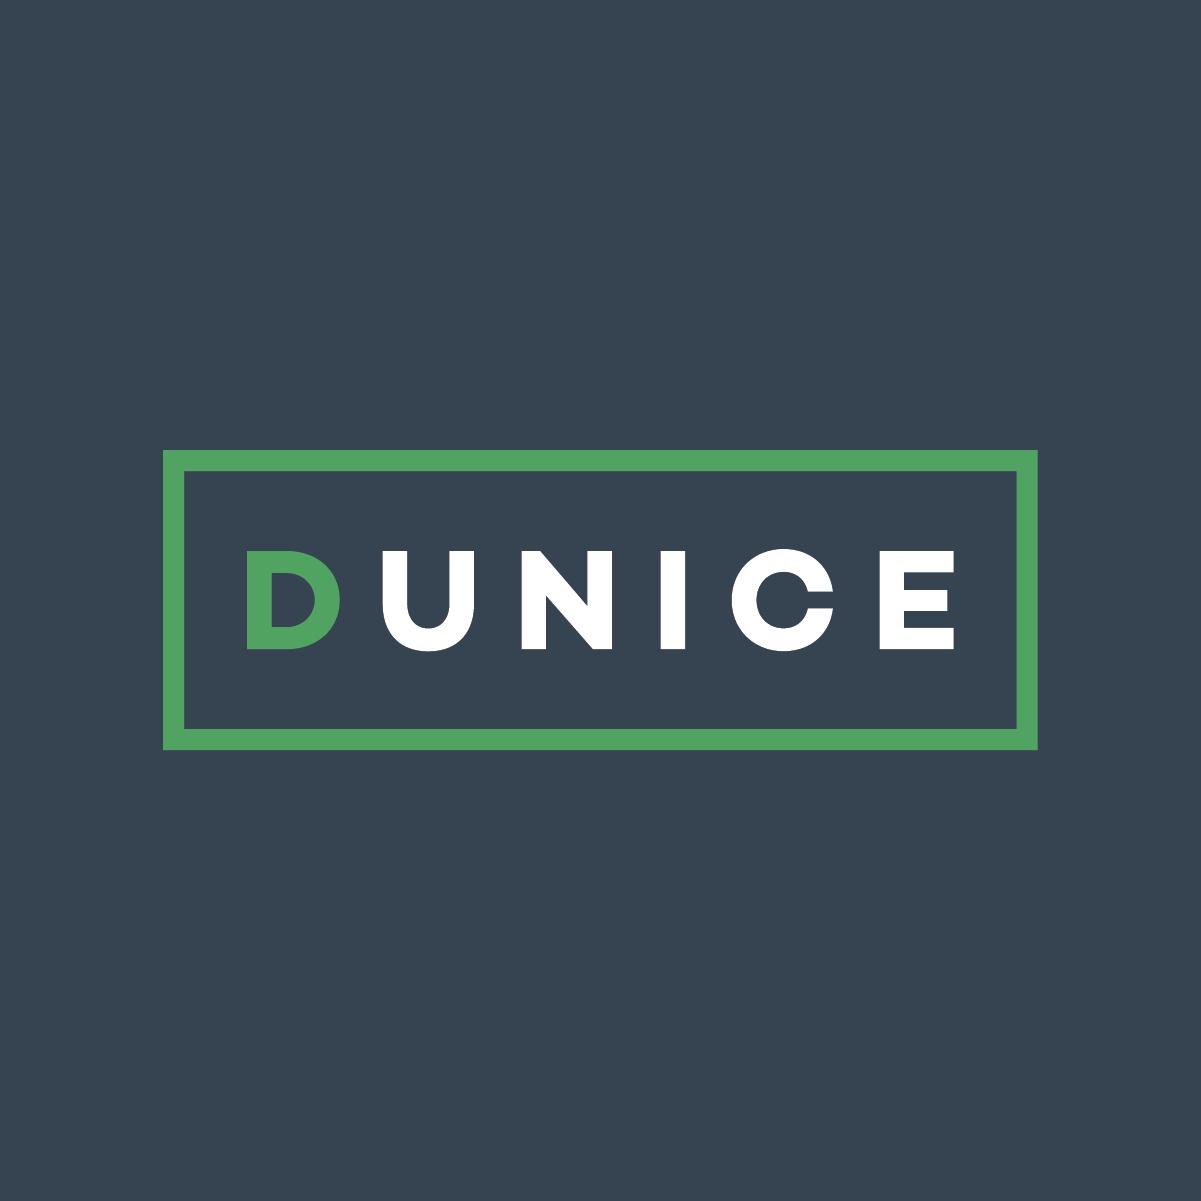 DUNICE Logo